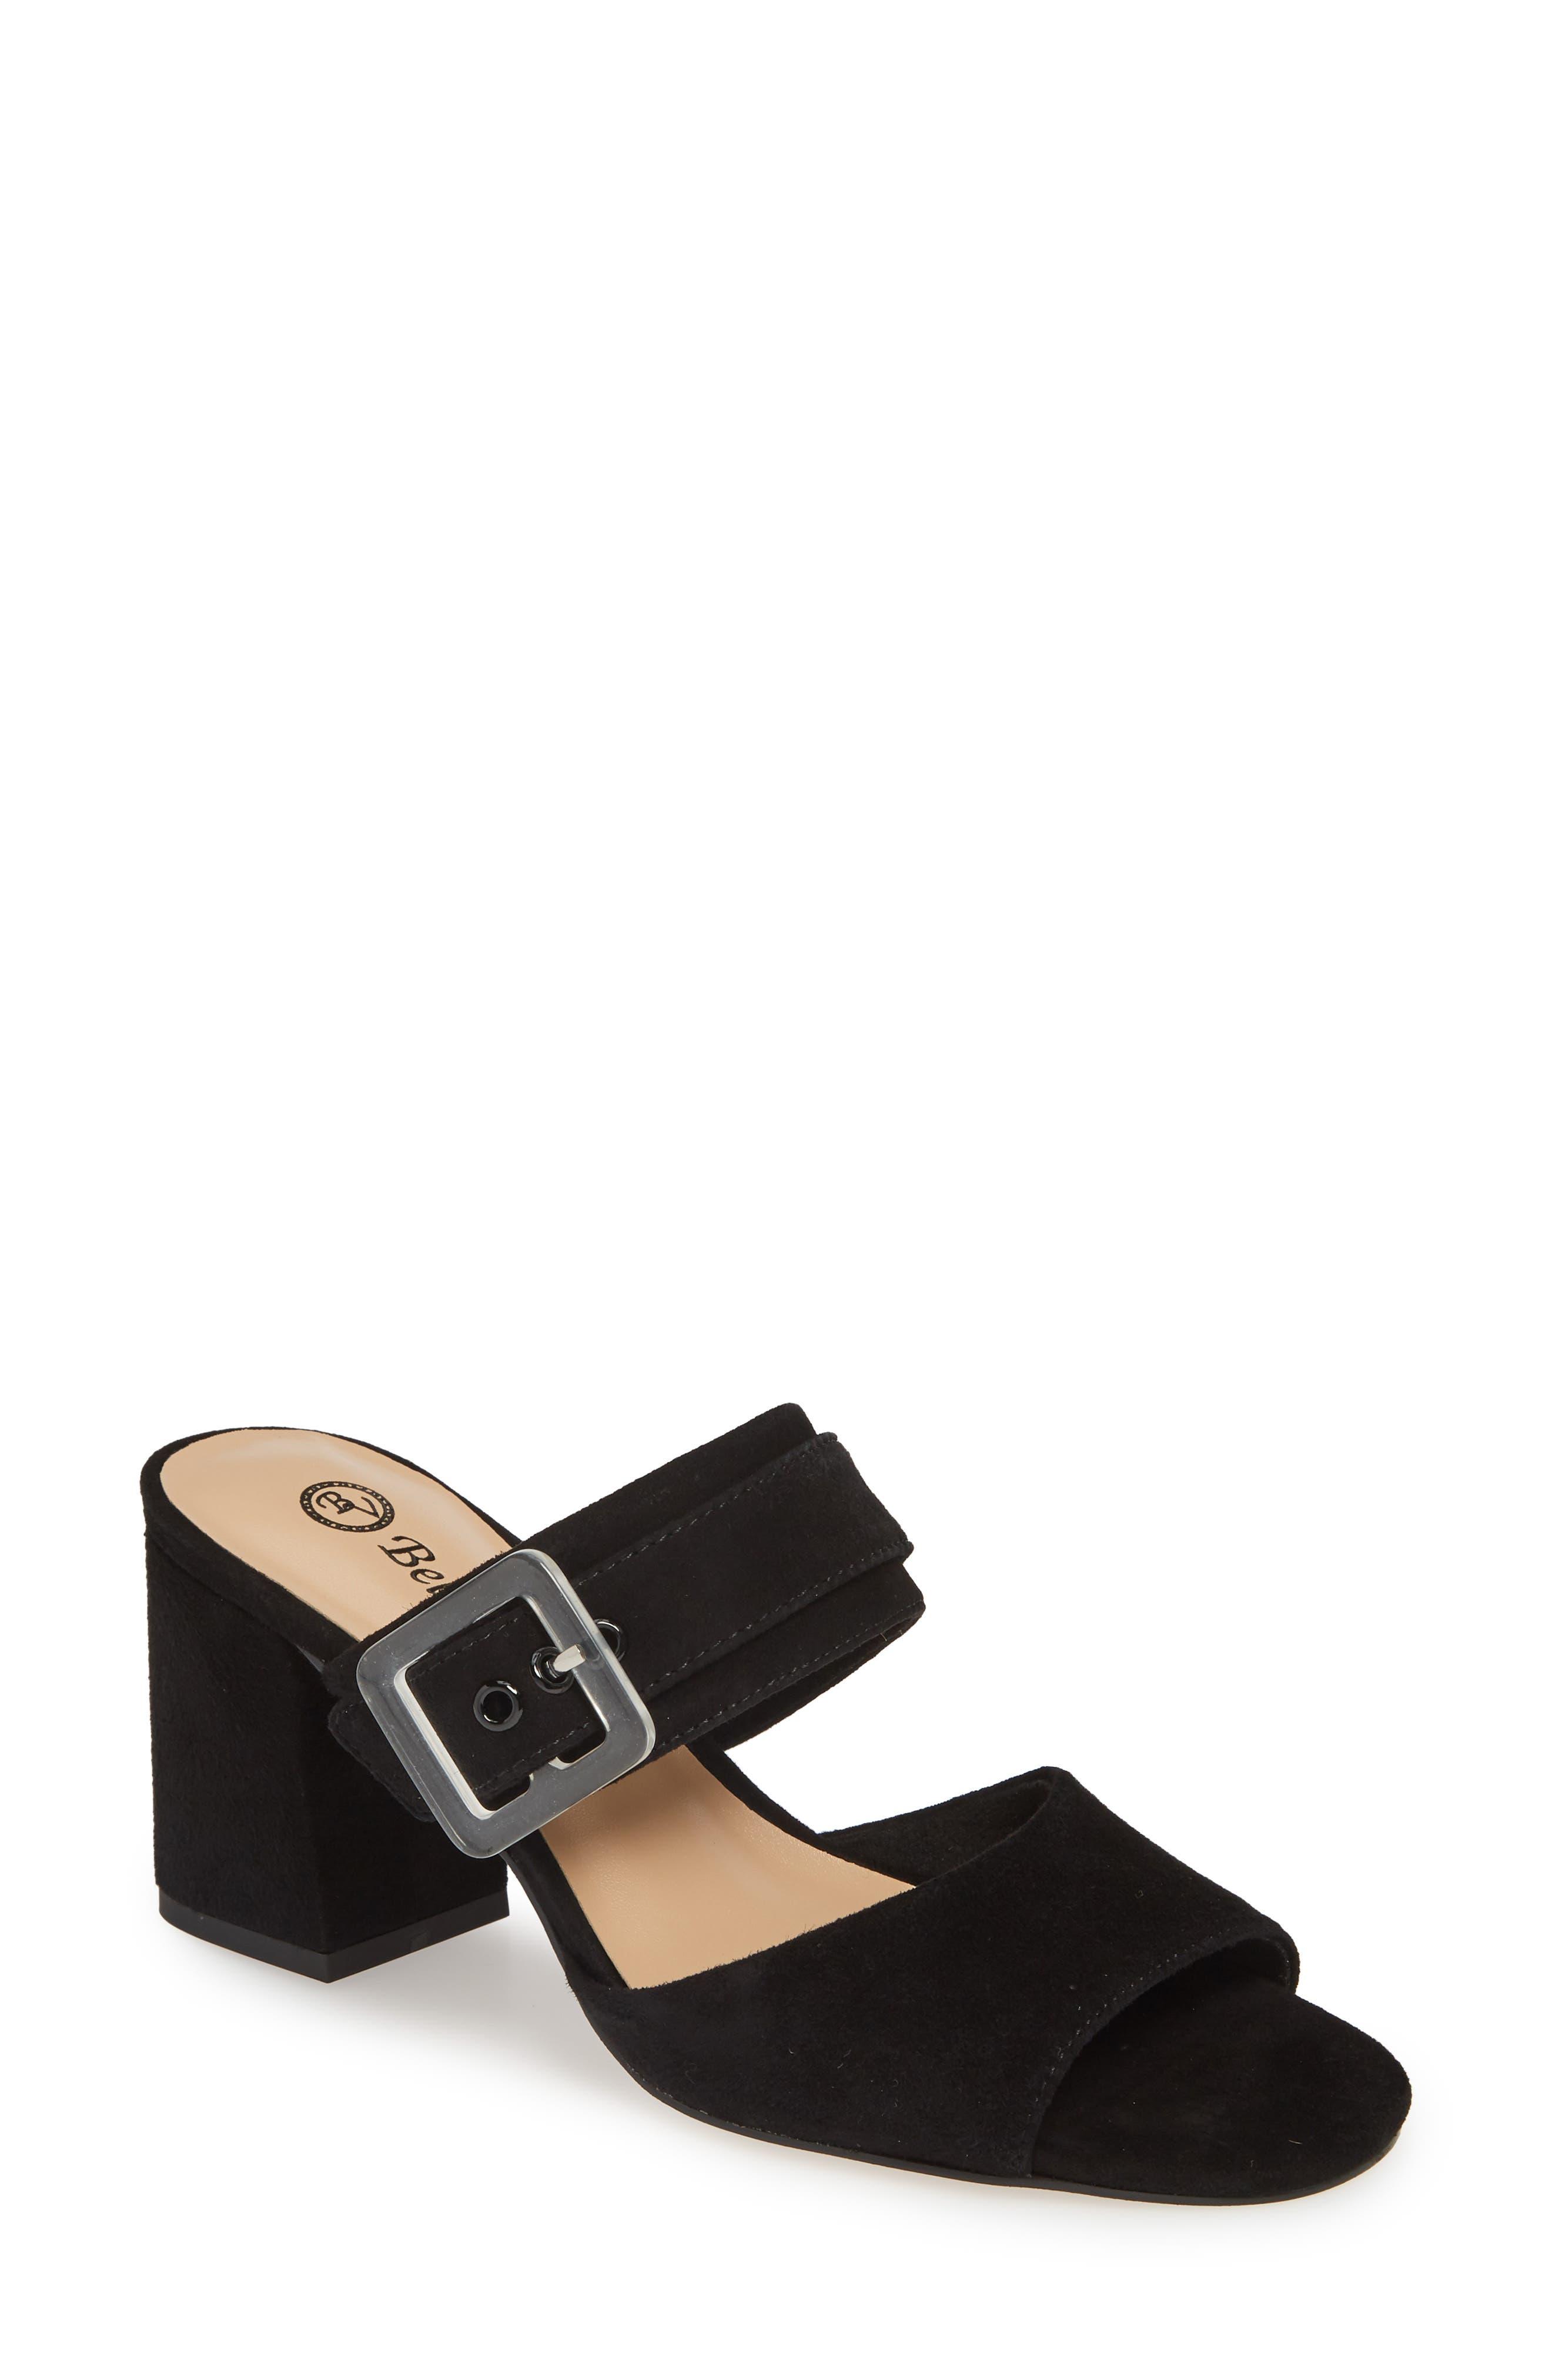 Tory Buckle Slide Sandal, Main, color, BLACK SUEDE